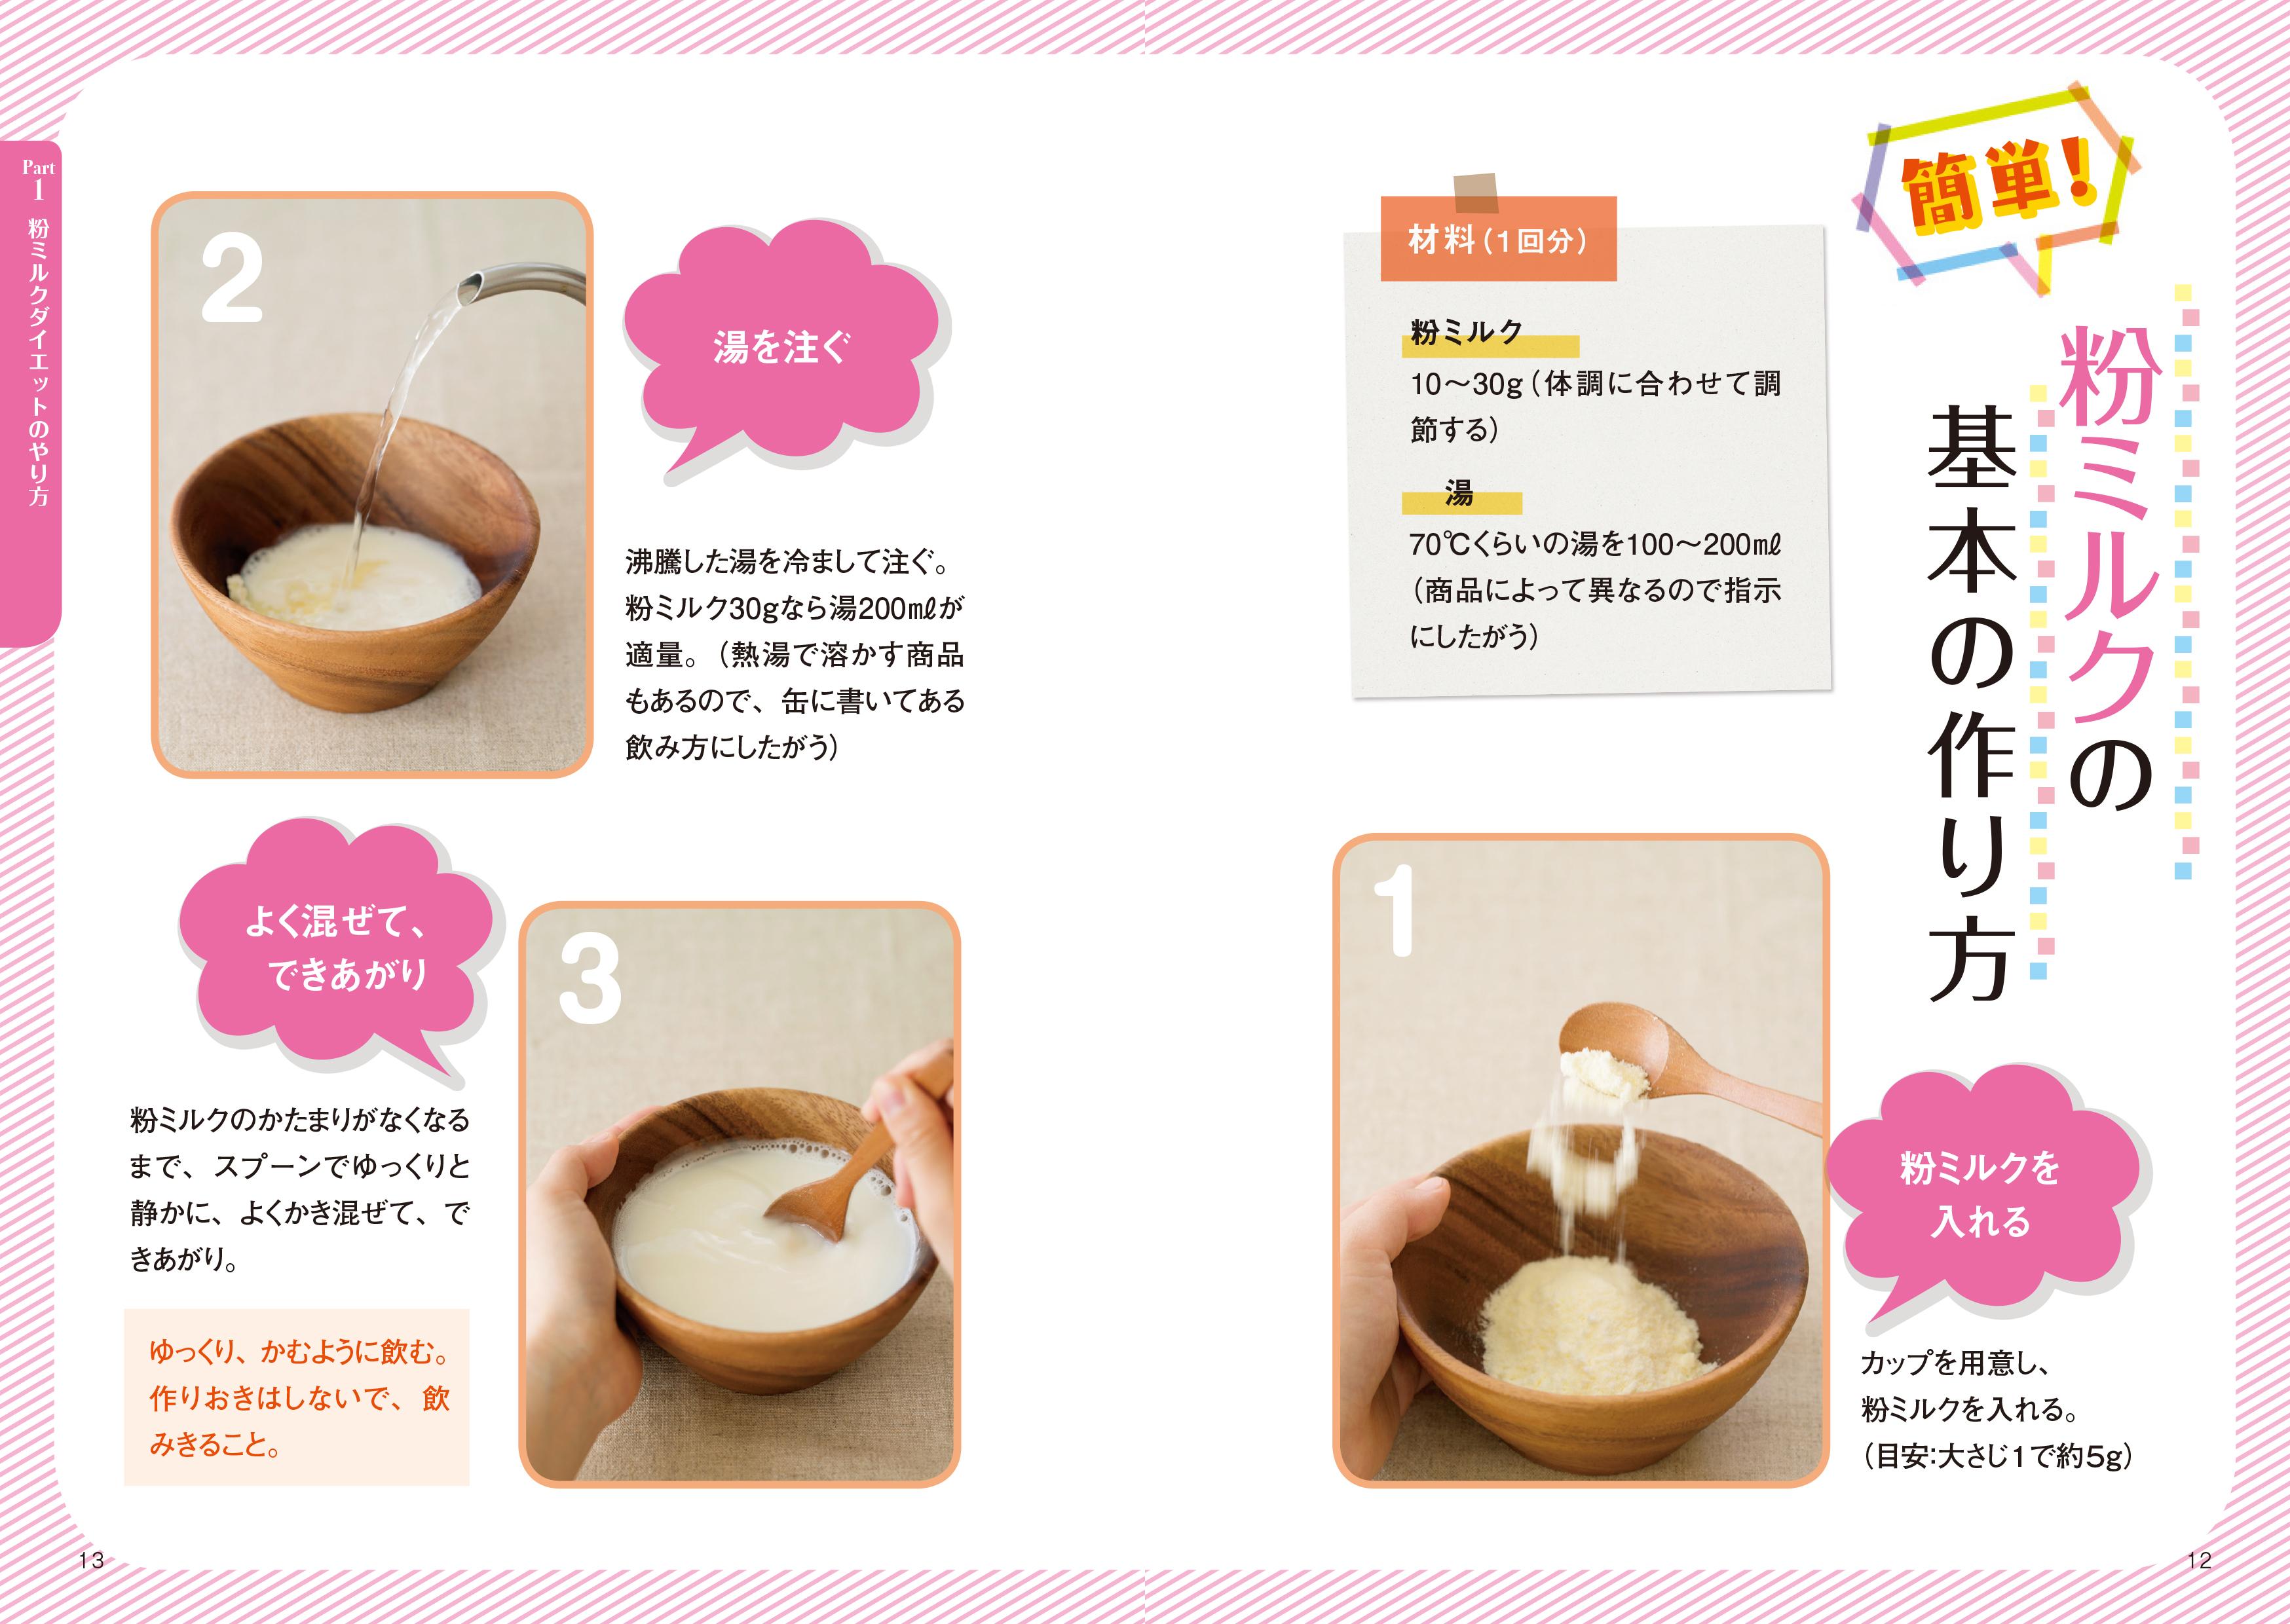 画像は、粉ミルクの基本の作り方のページ